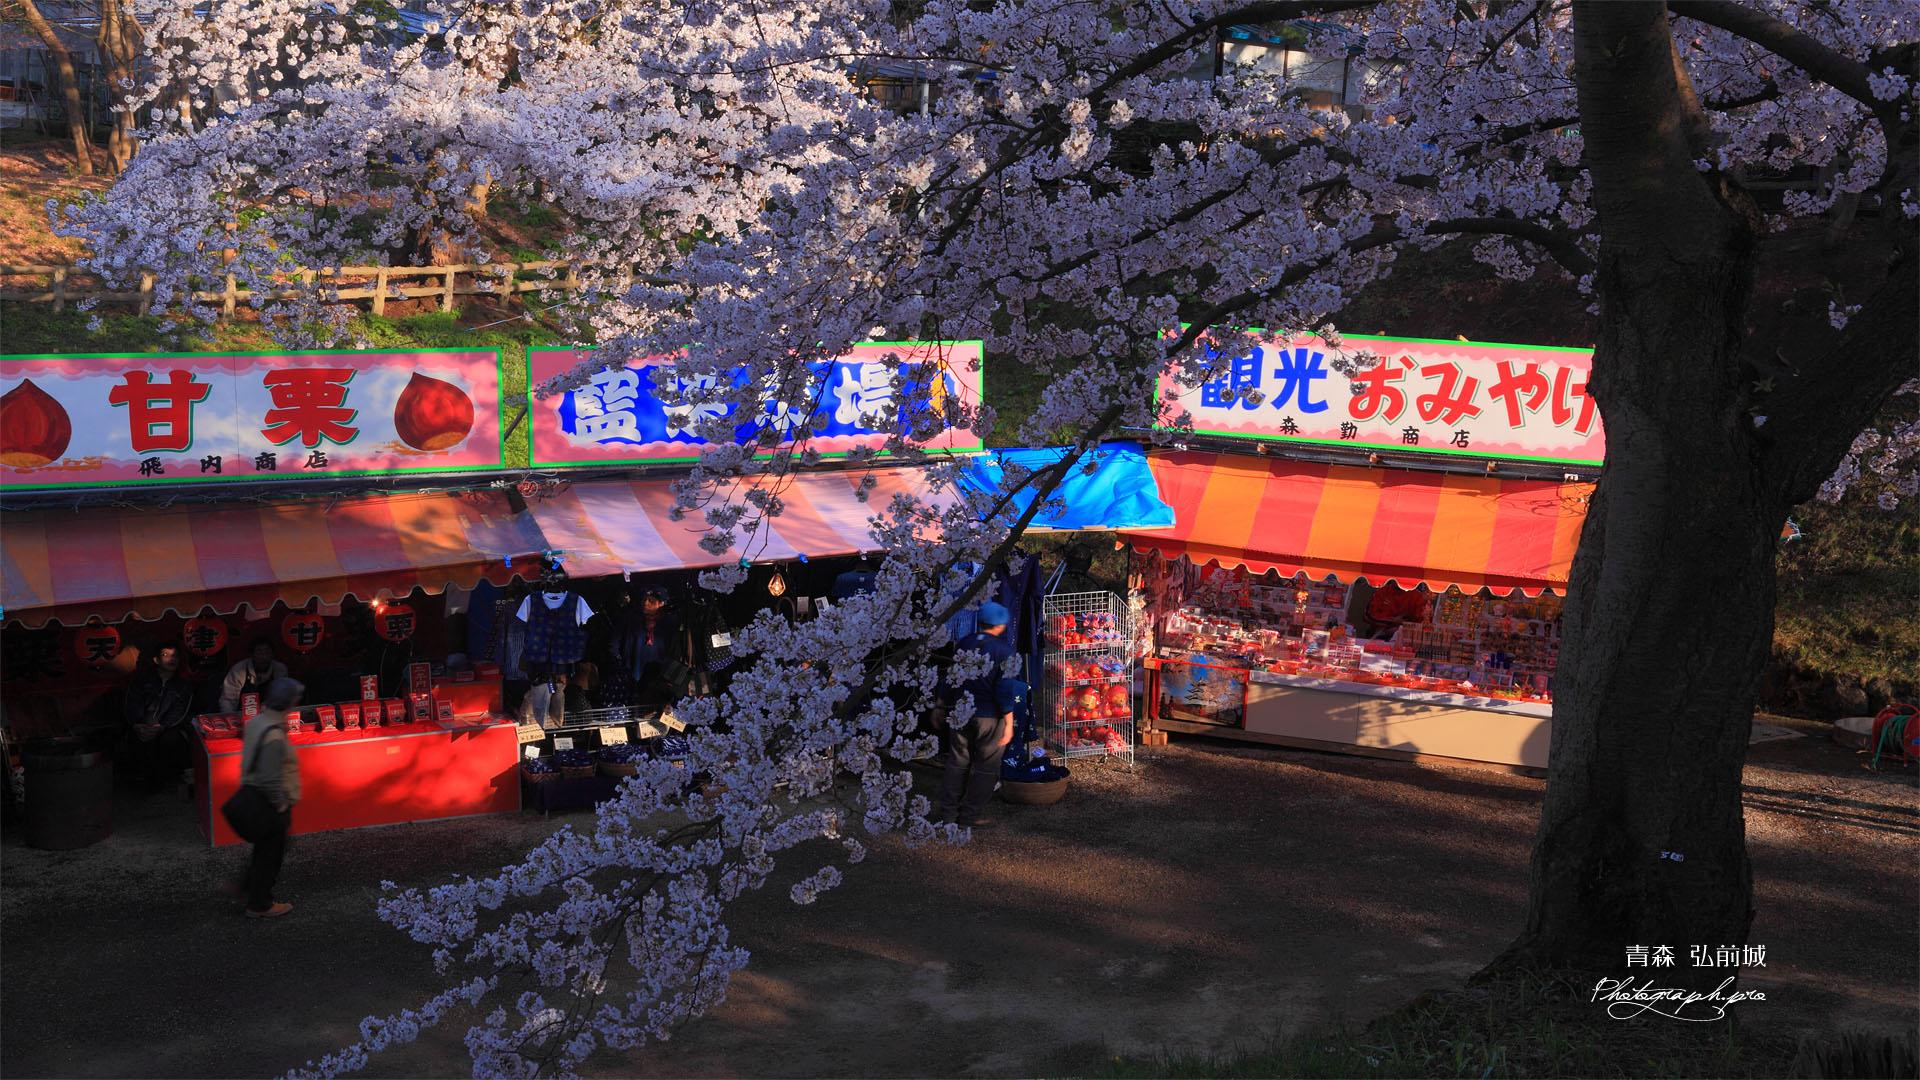 日本一の露店 「日本一の露店」の壁紙はフルHD横長ディスプレイ(1920x108... 日本